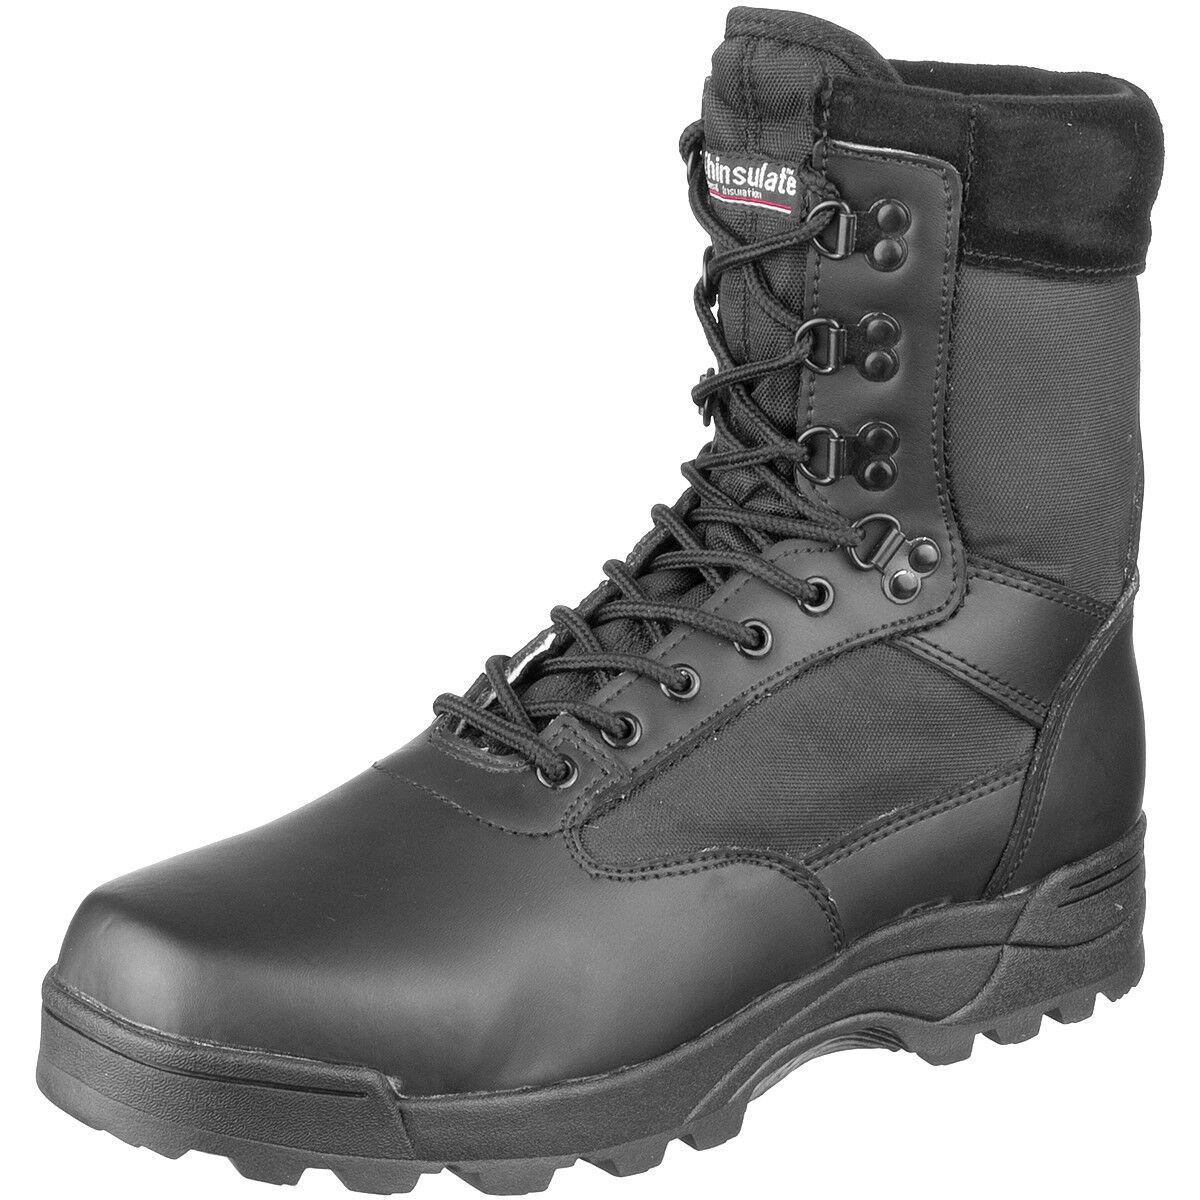 Brandit Taktische Militärische Bekämpfung Stiefel Sicherheitspolizei Leder Schuh